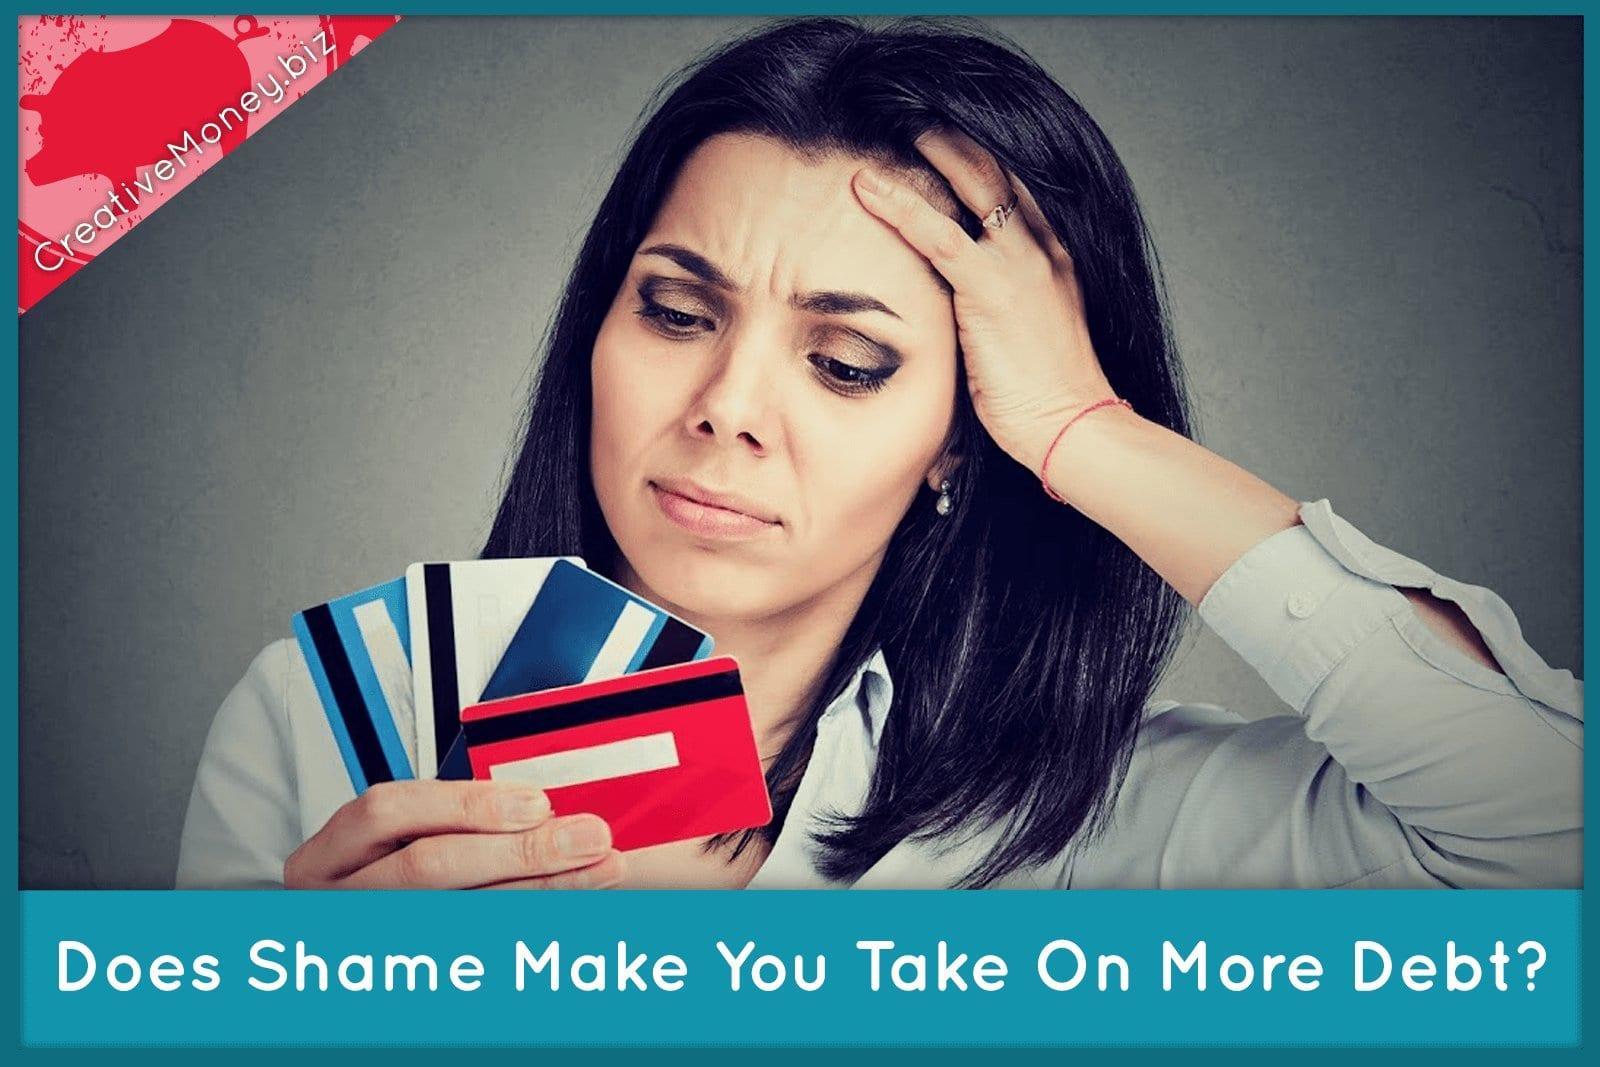 Does shame make you take on more debt?